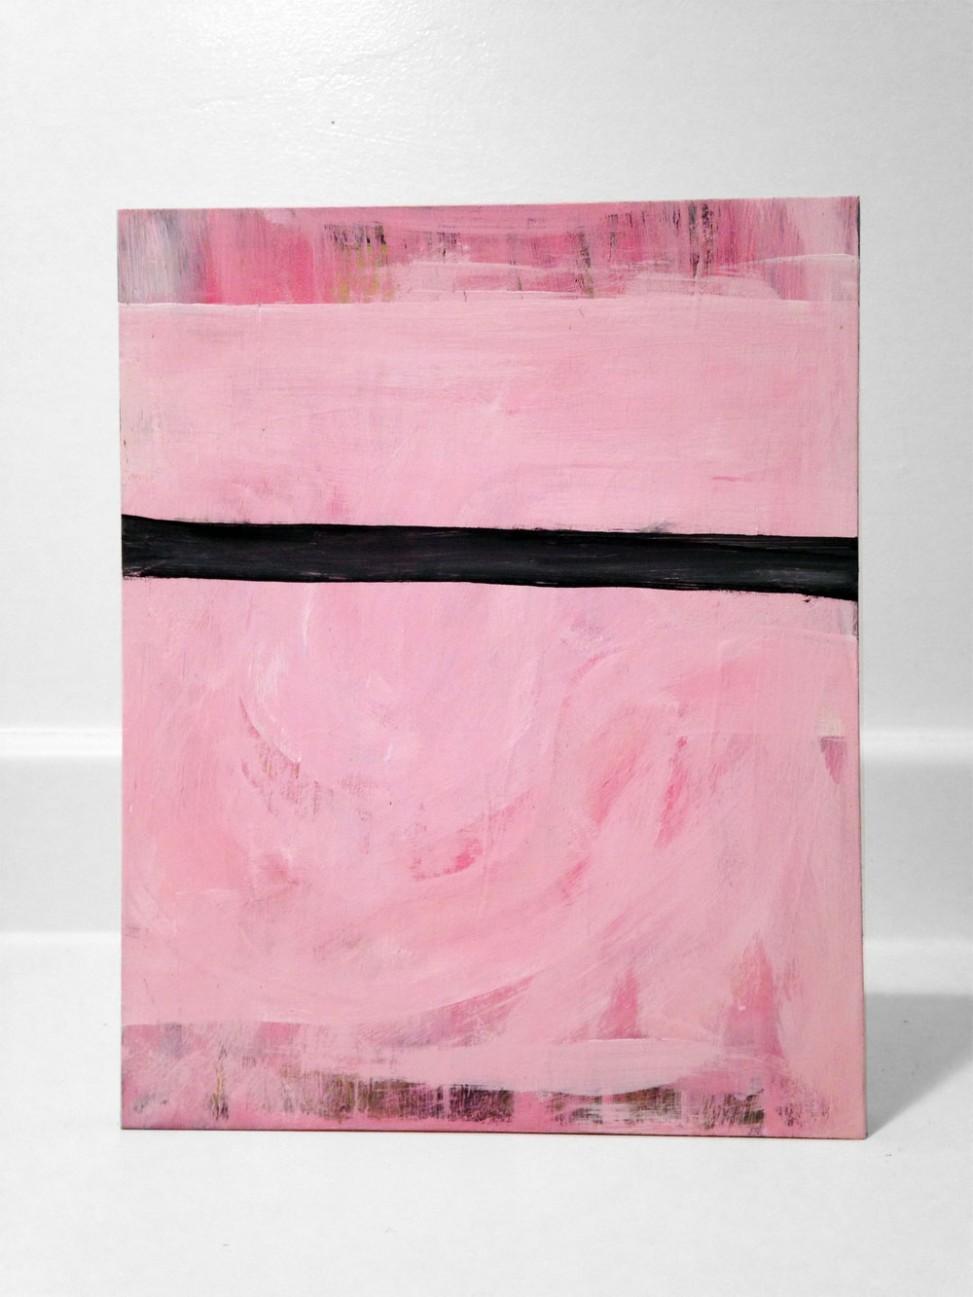 Pink Line 8x10 Wood Panel by Edmond van der Bijl